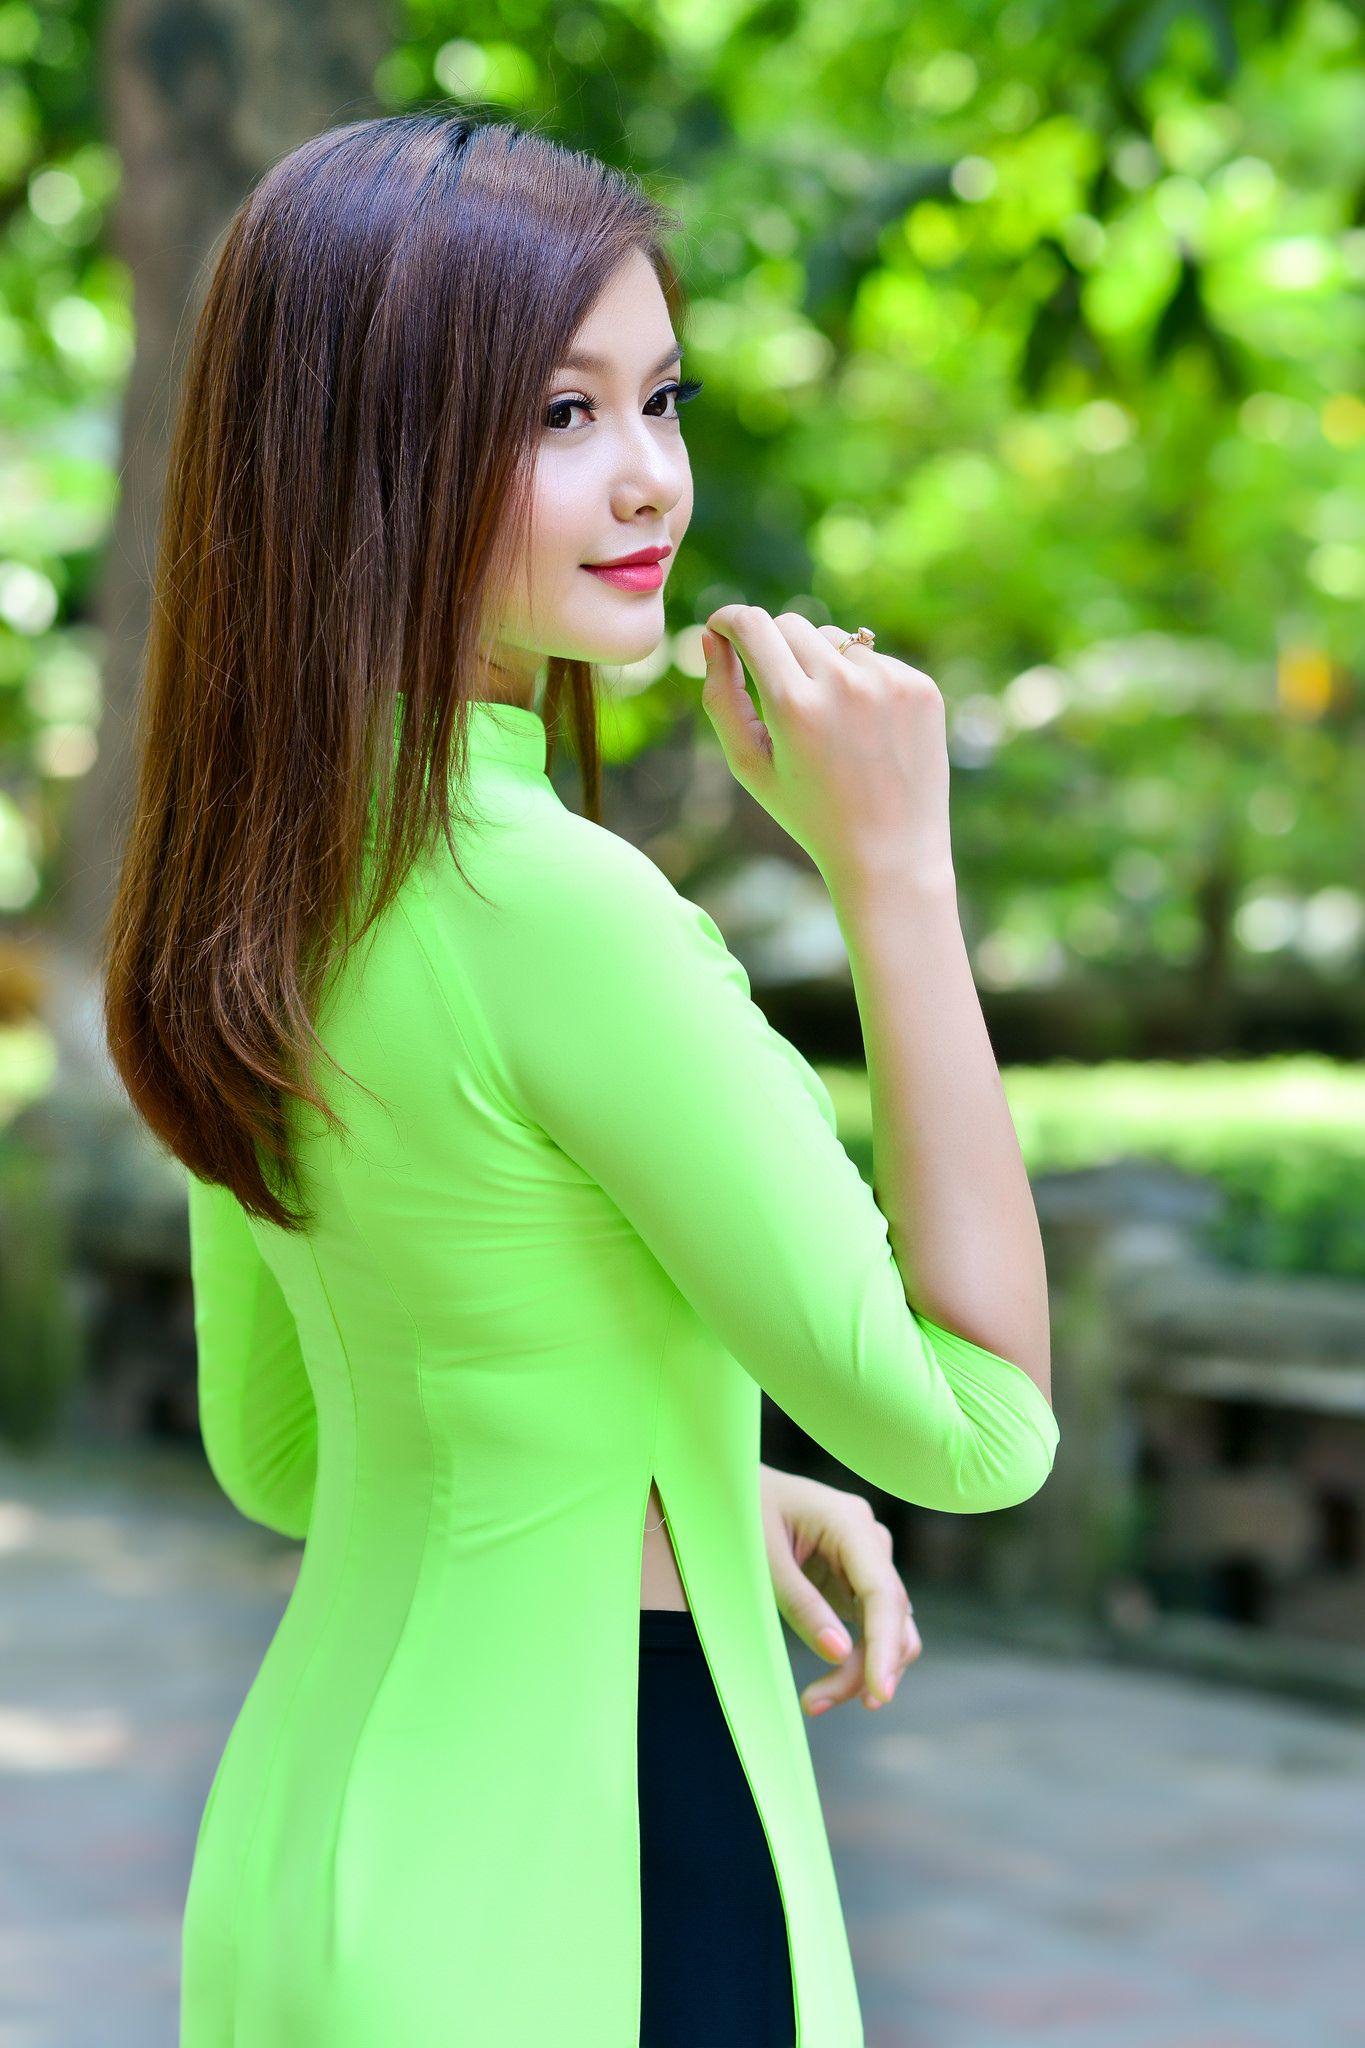 Asian massage whore